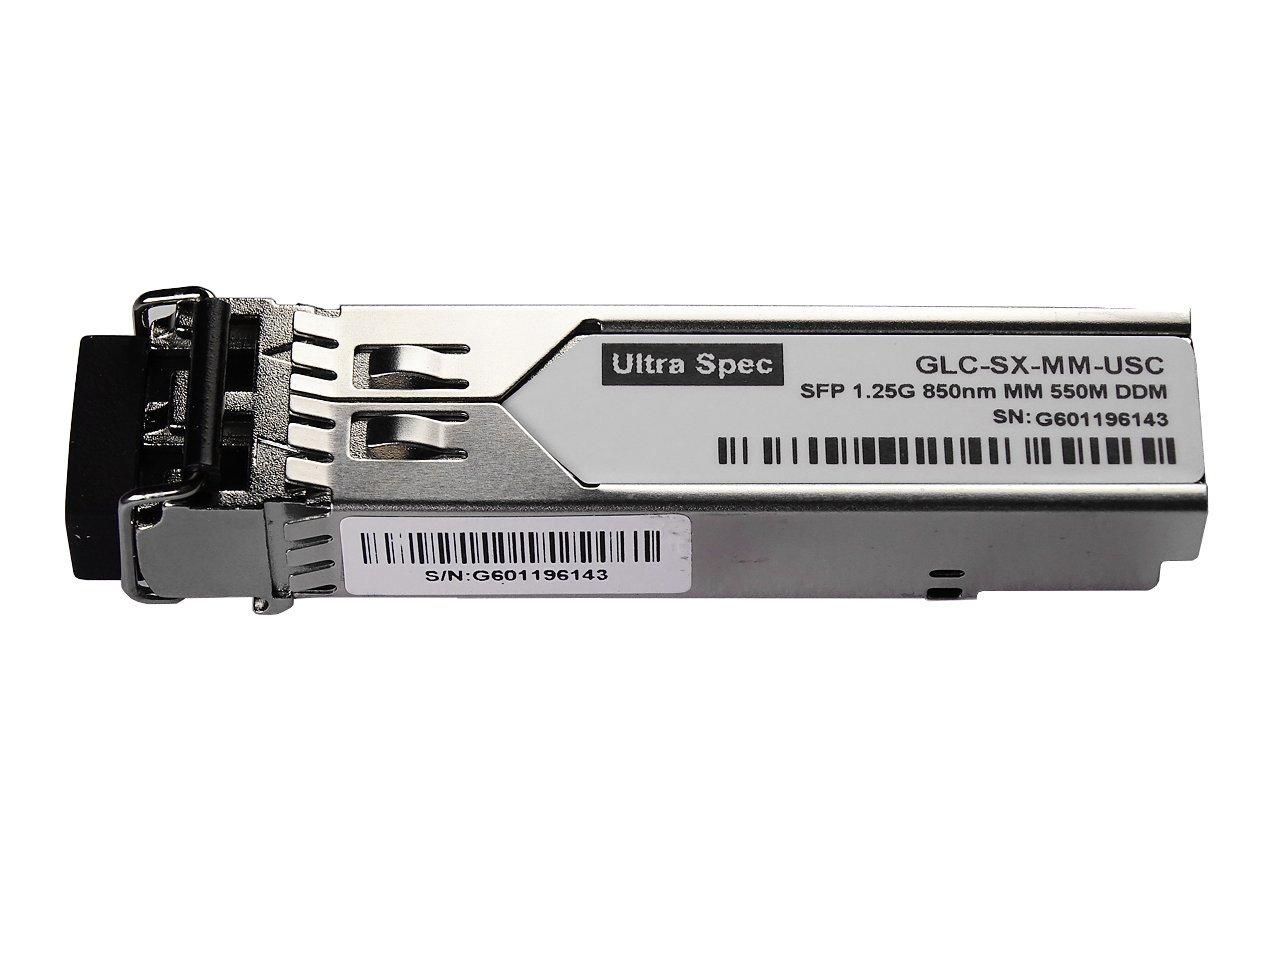 GLC-SX-MM 1000Base-SX SFP Fiber LC MINI-GBIC - Cisco Compliant by Ultra Spec Cables (Image #1)